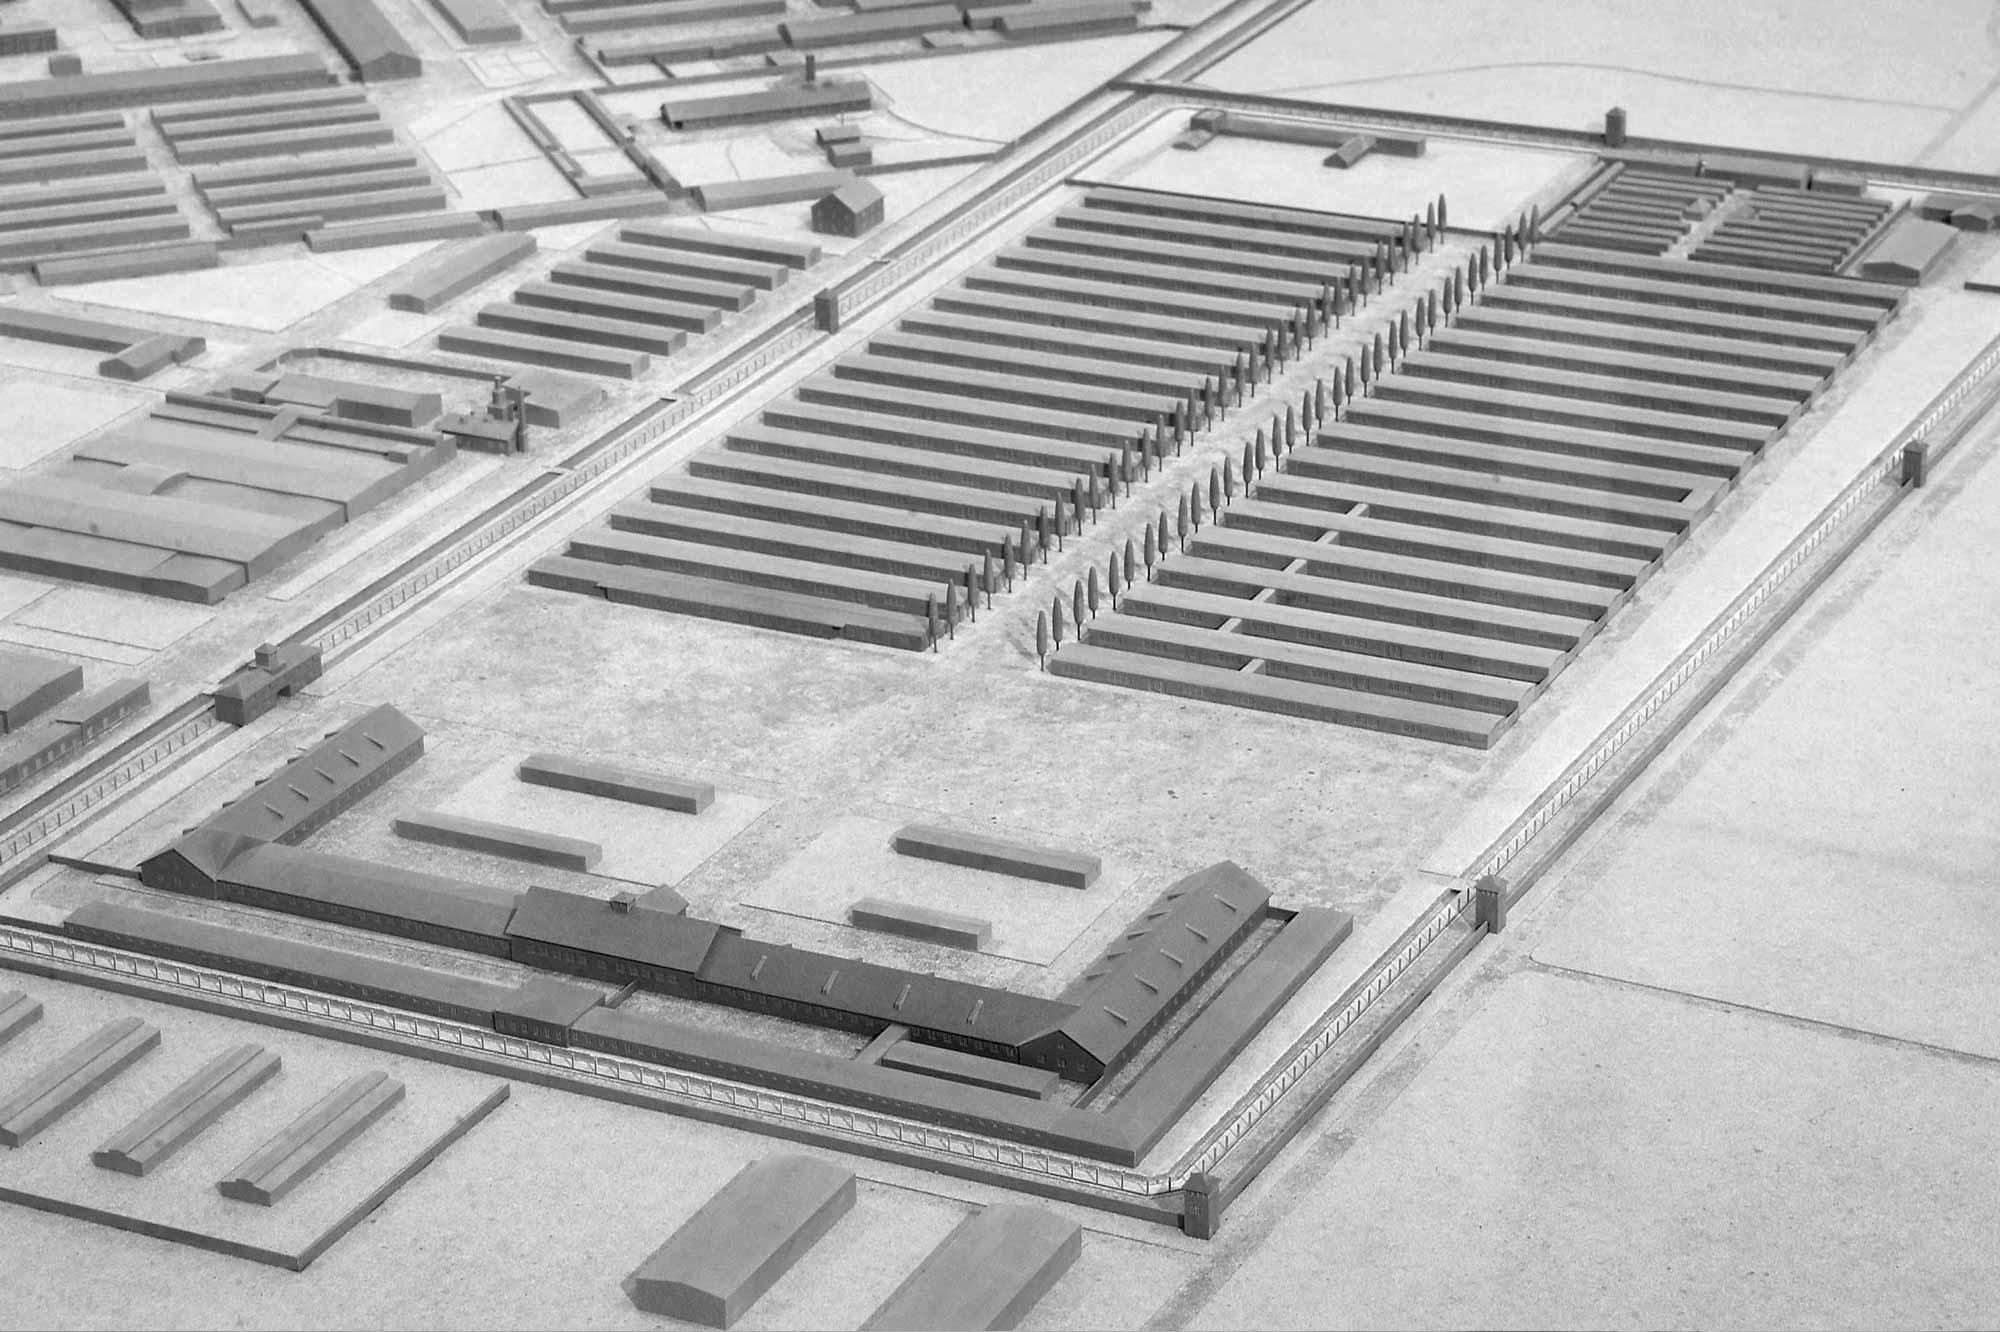 Modell KZ Dachau, Bunkerhof und Bunker